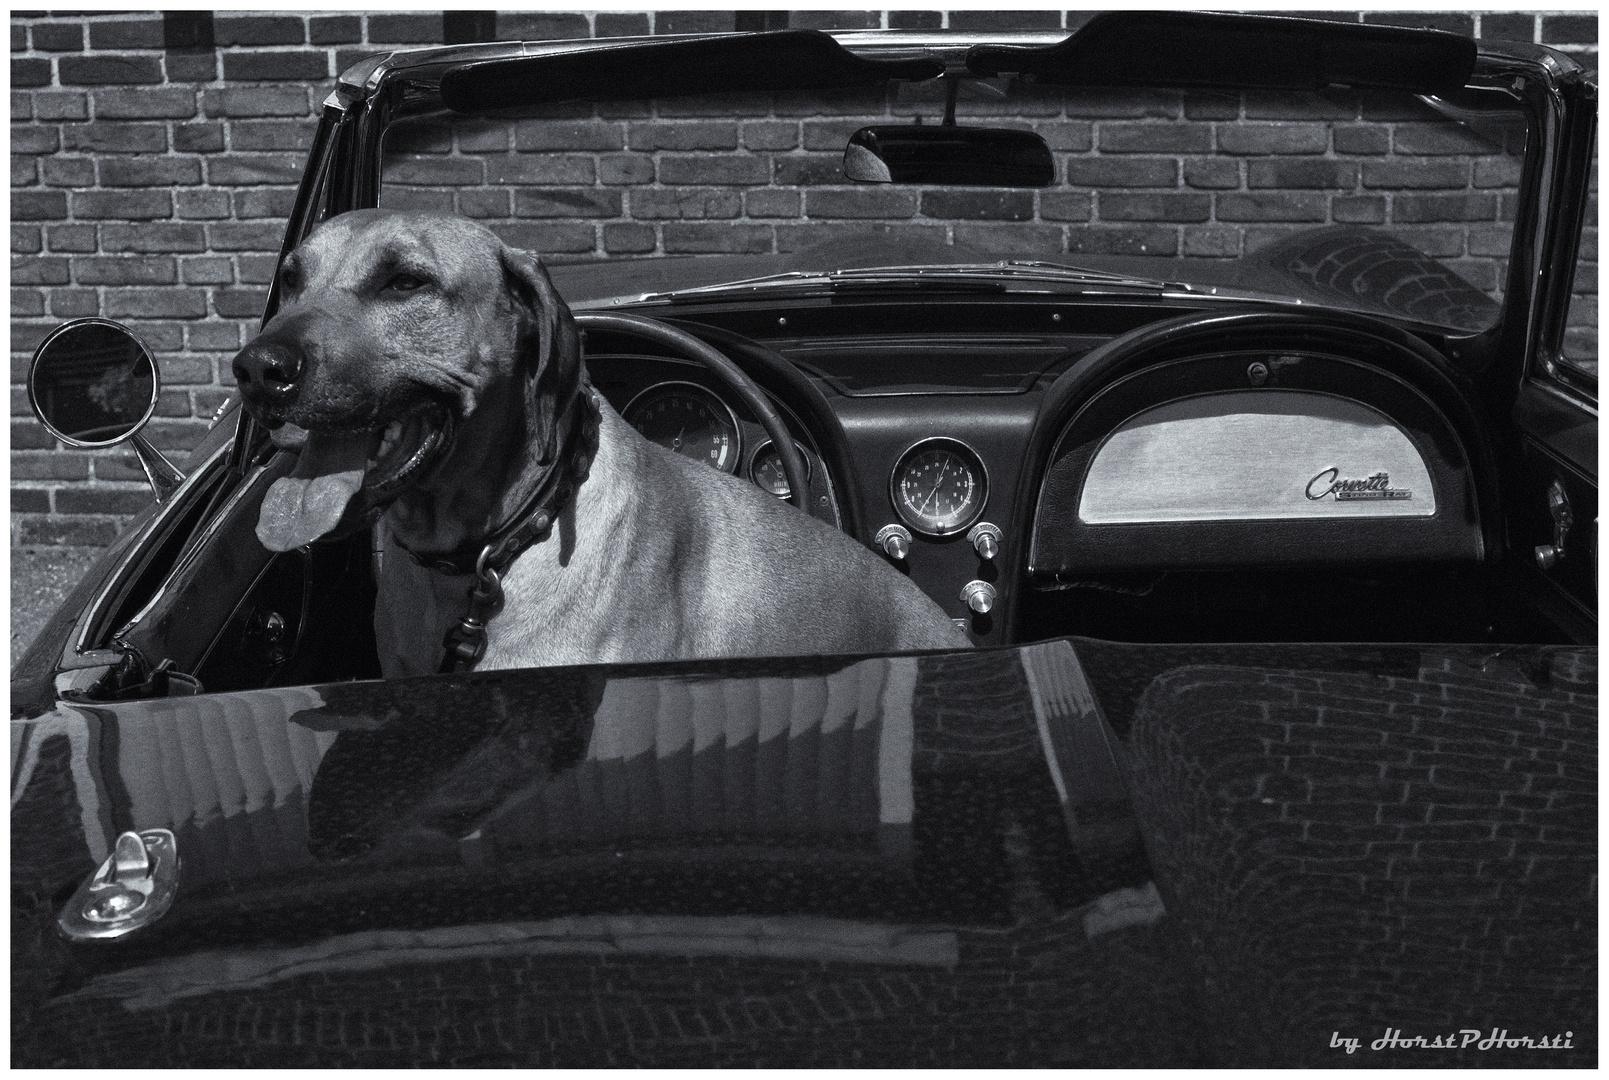 >Corvette...und wie geht rückwärts fahren?